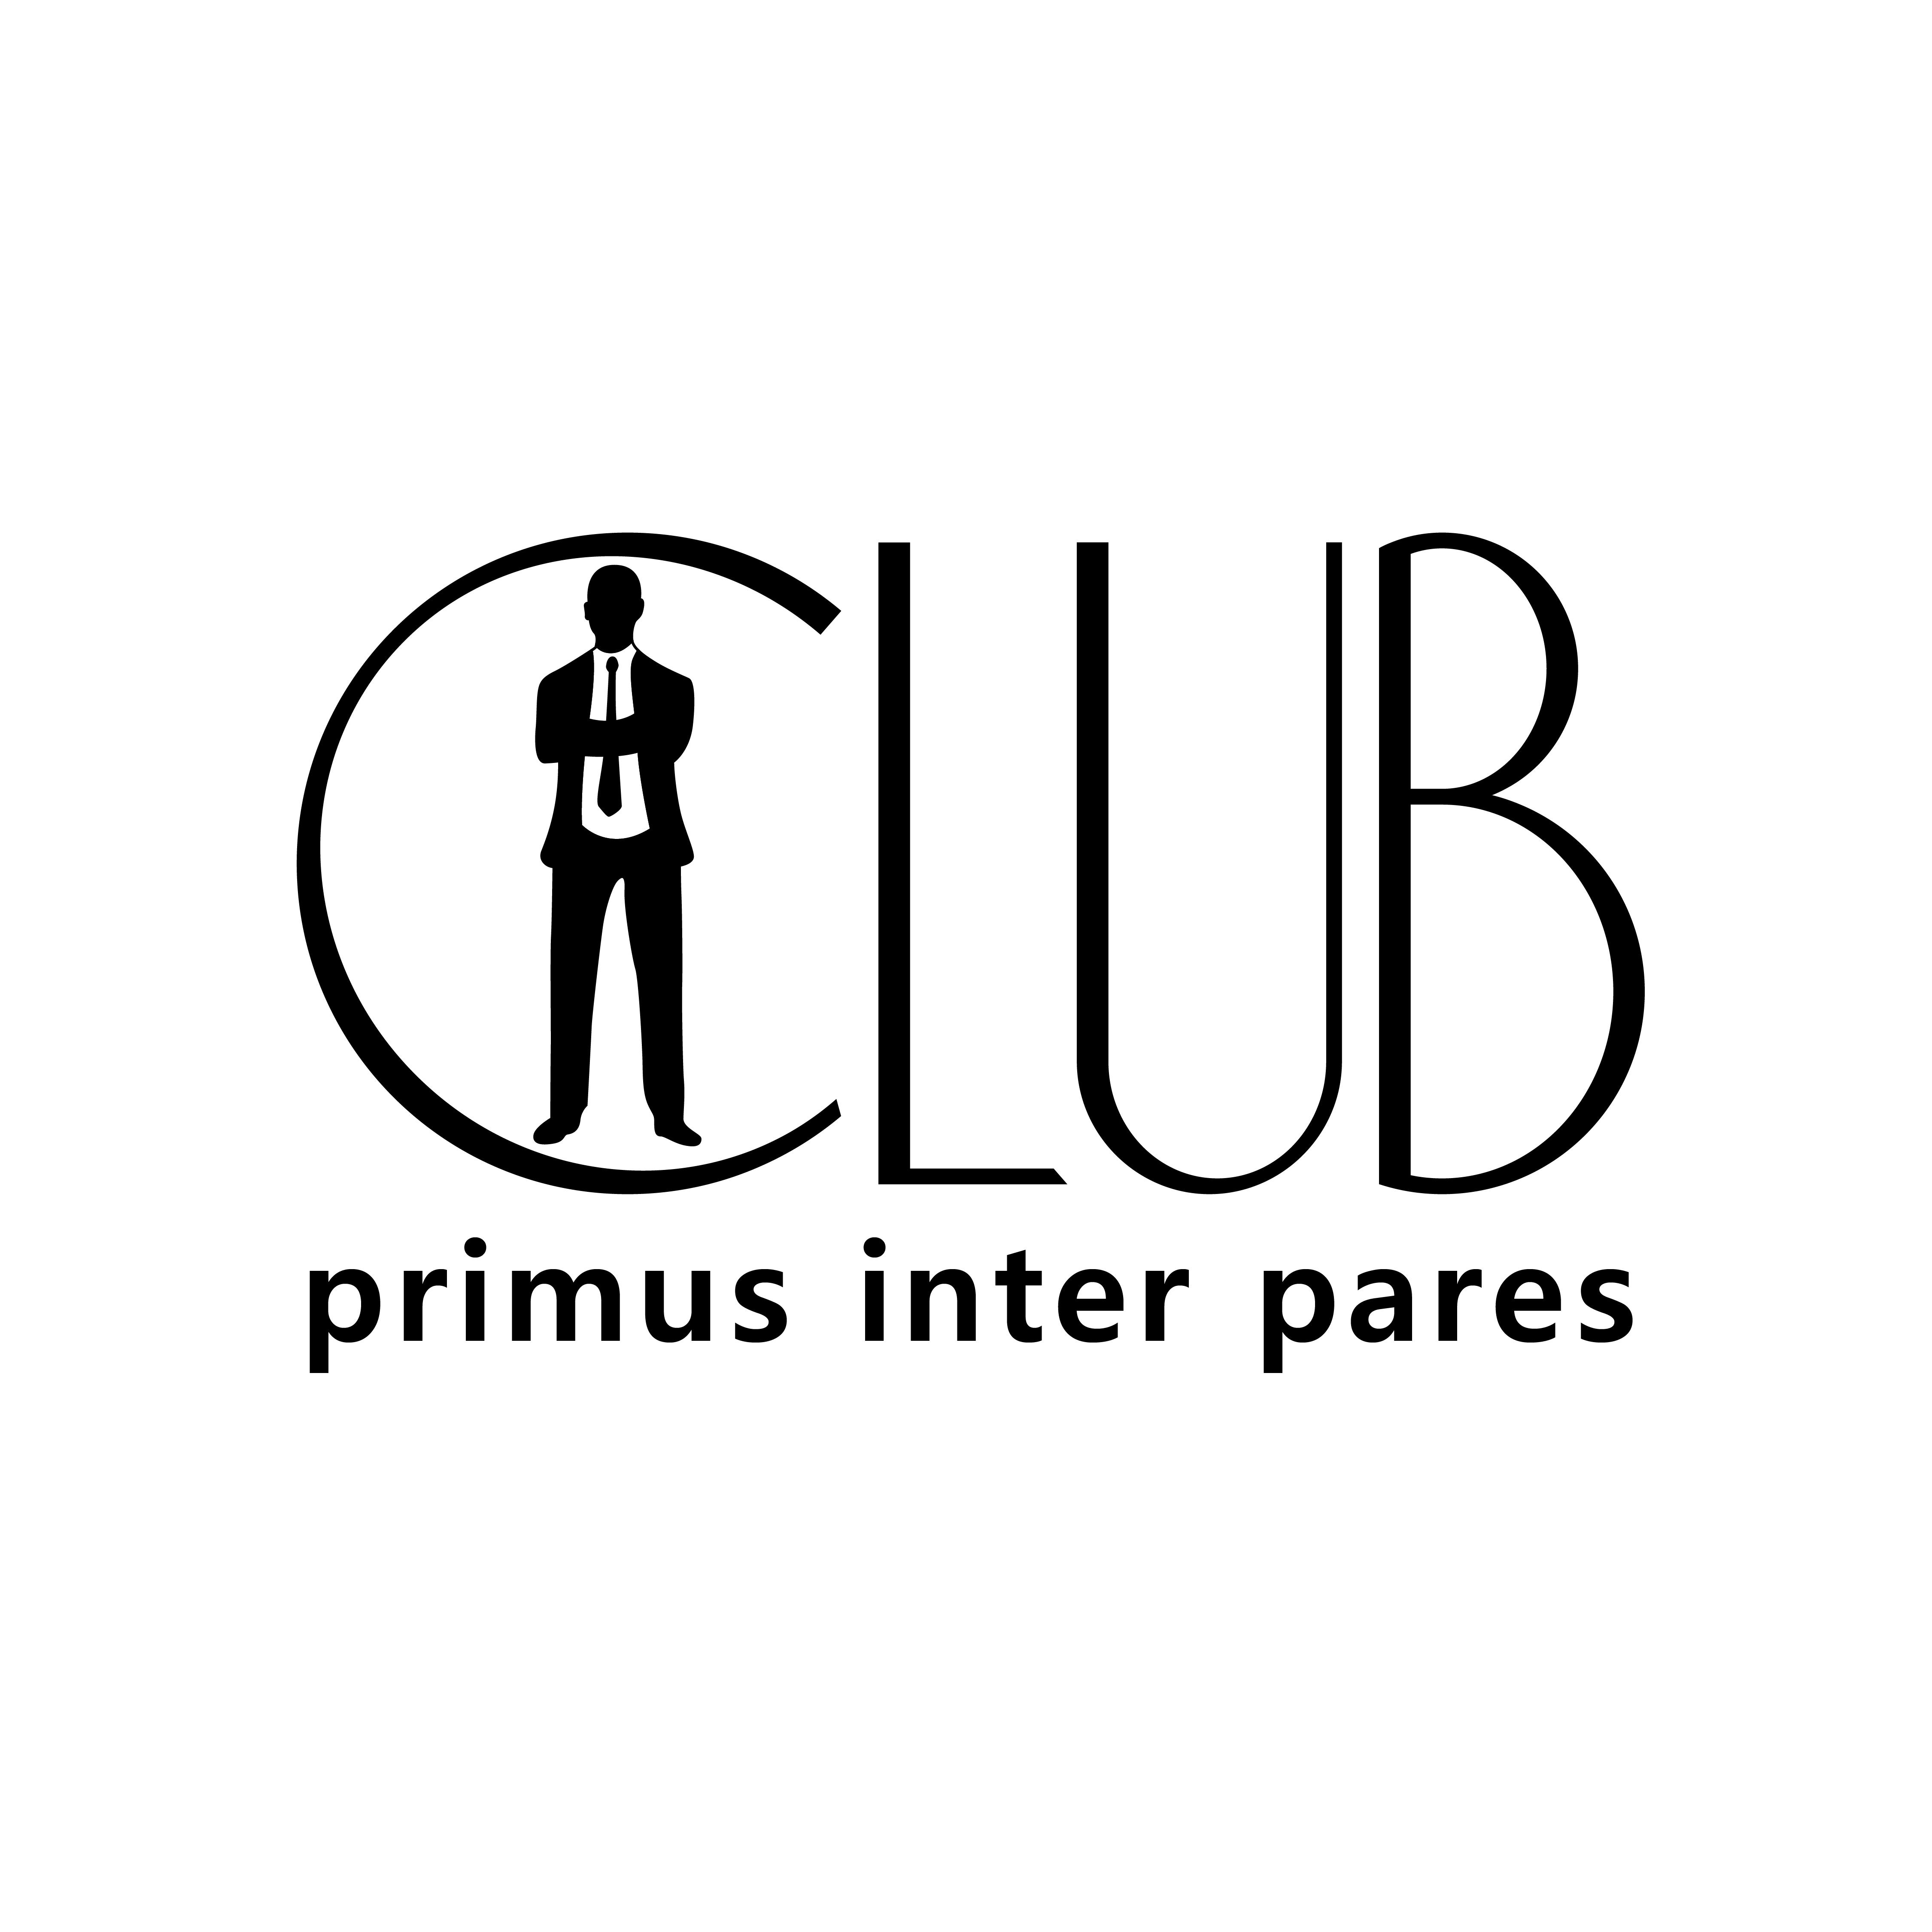 Логотип делового клуба фото f_3905f88415982d5b.jpg